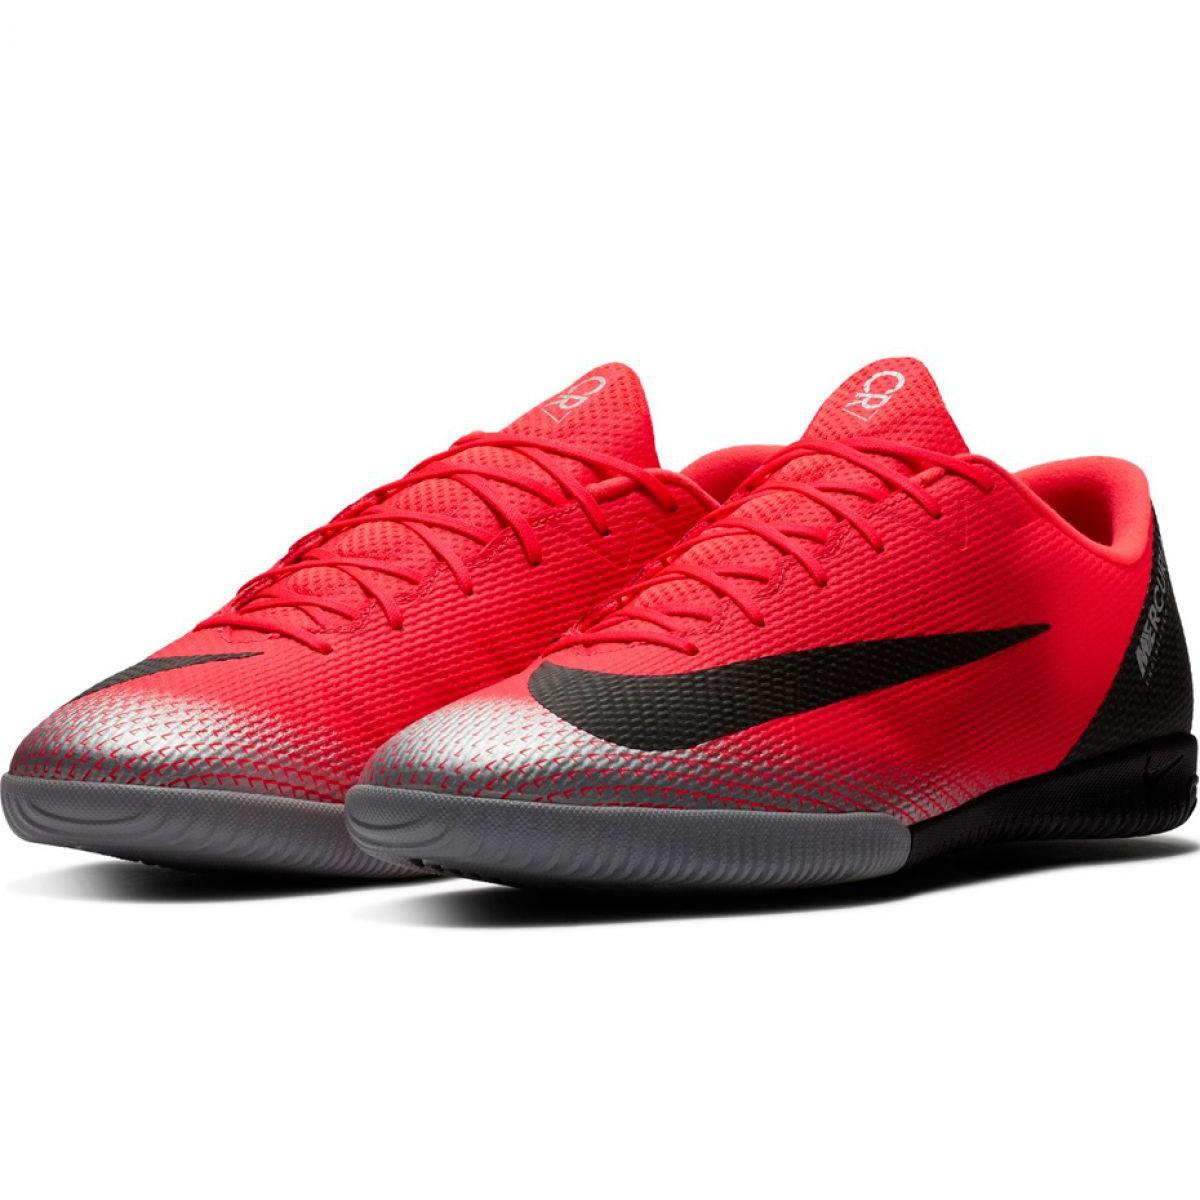 najlepsze buty najlepiej tanio najnowsza kolekcja Nike Mercurial Vapor X 12 Academy ice shoes CR7 Ic M AJ3731-600 red red